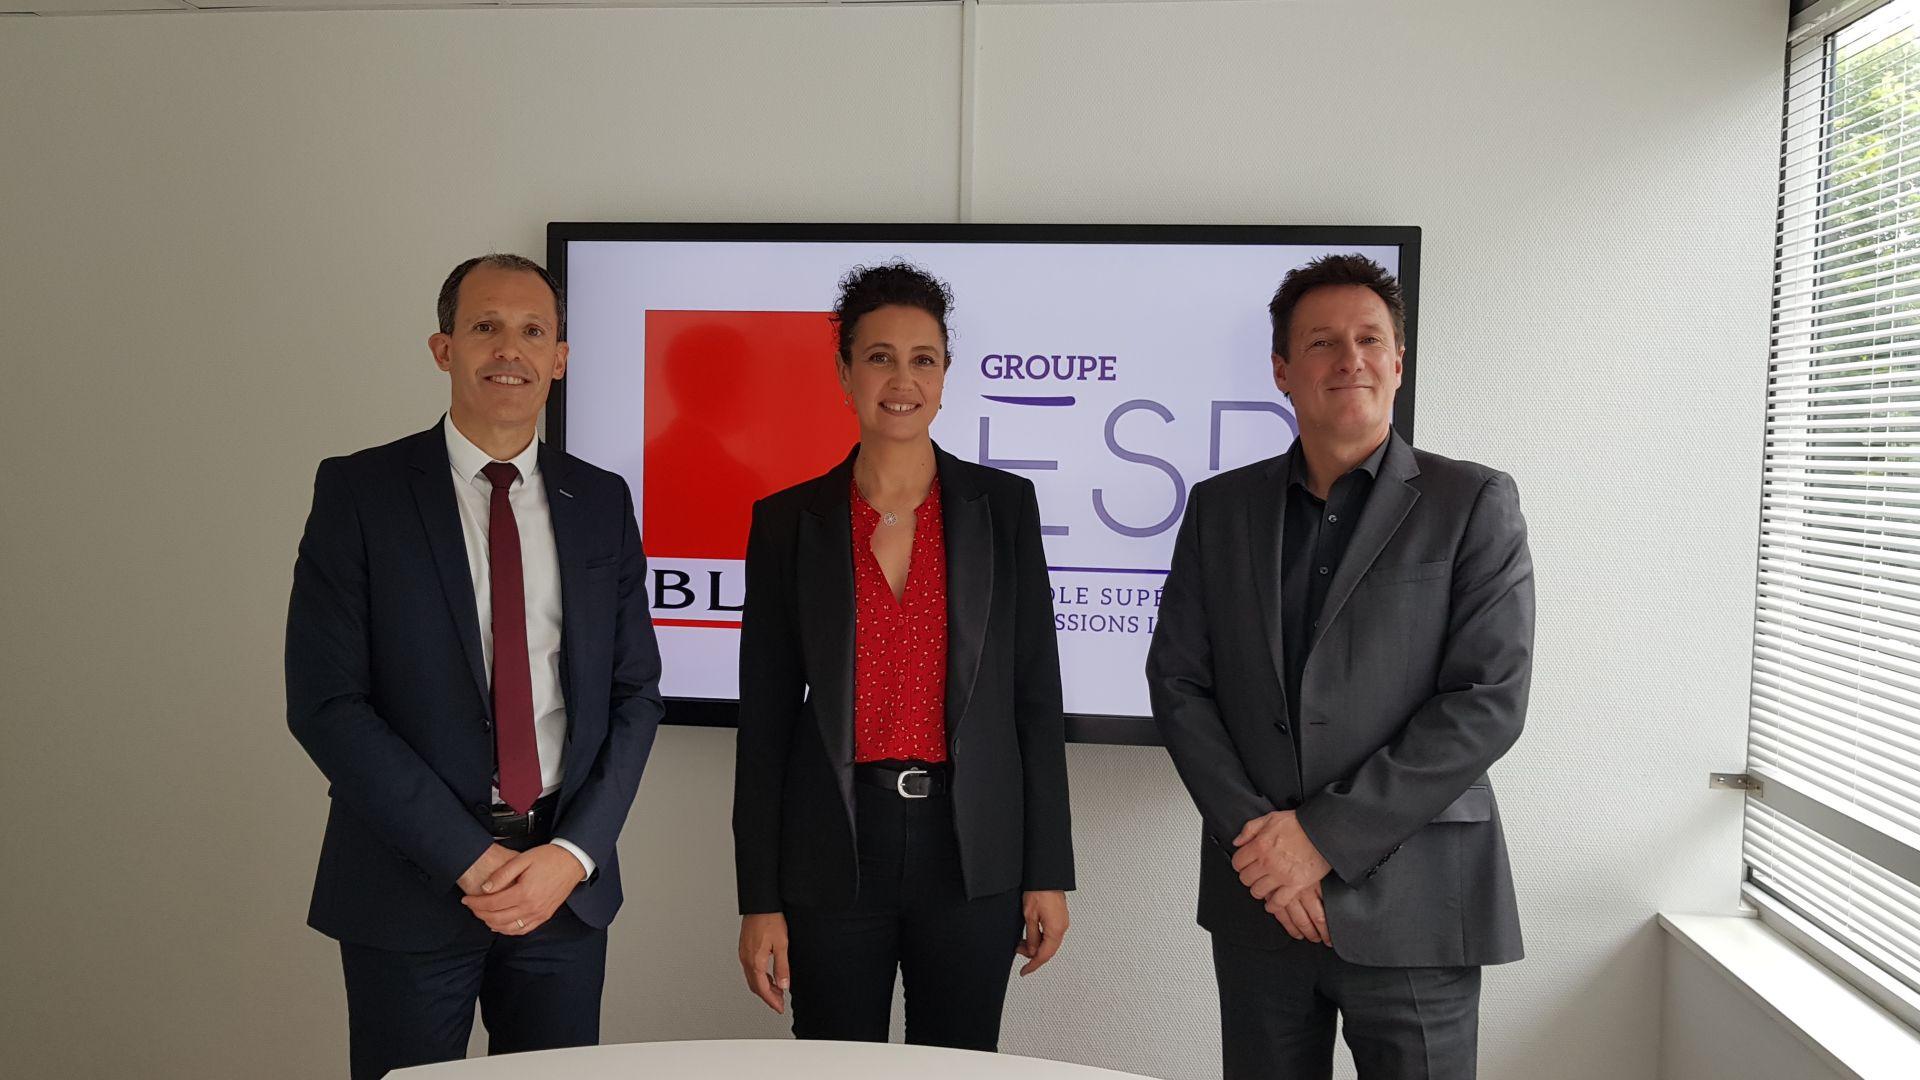 Le Groupe ESPI signe un partenariat avec le Groupe Blot immobilier.